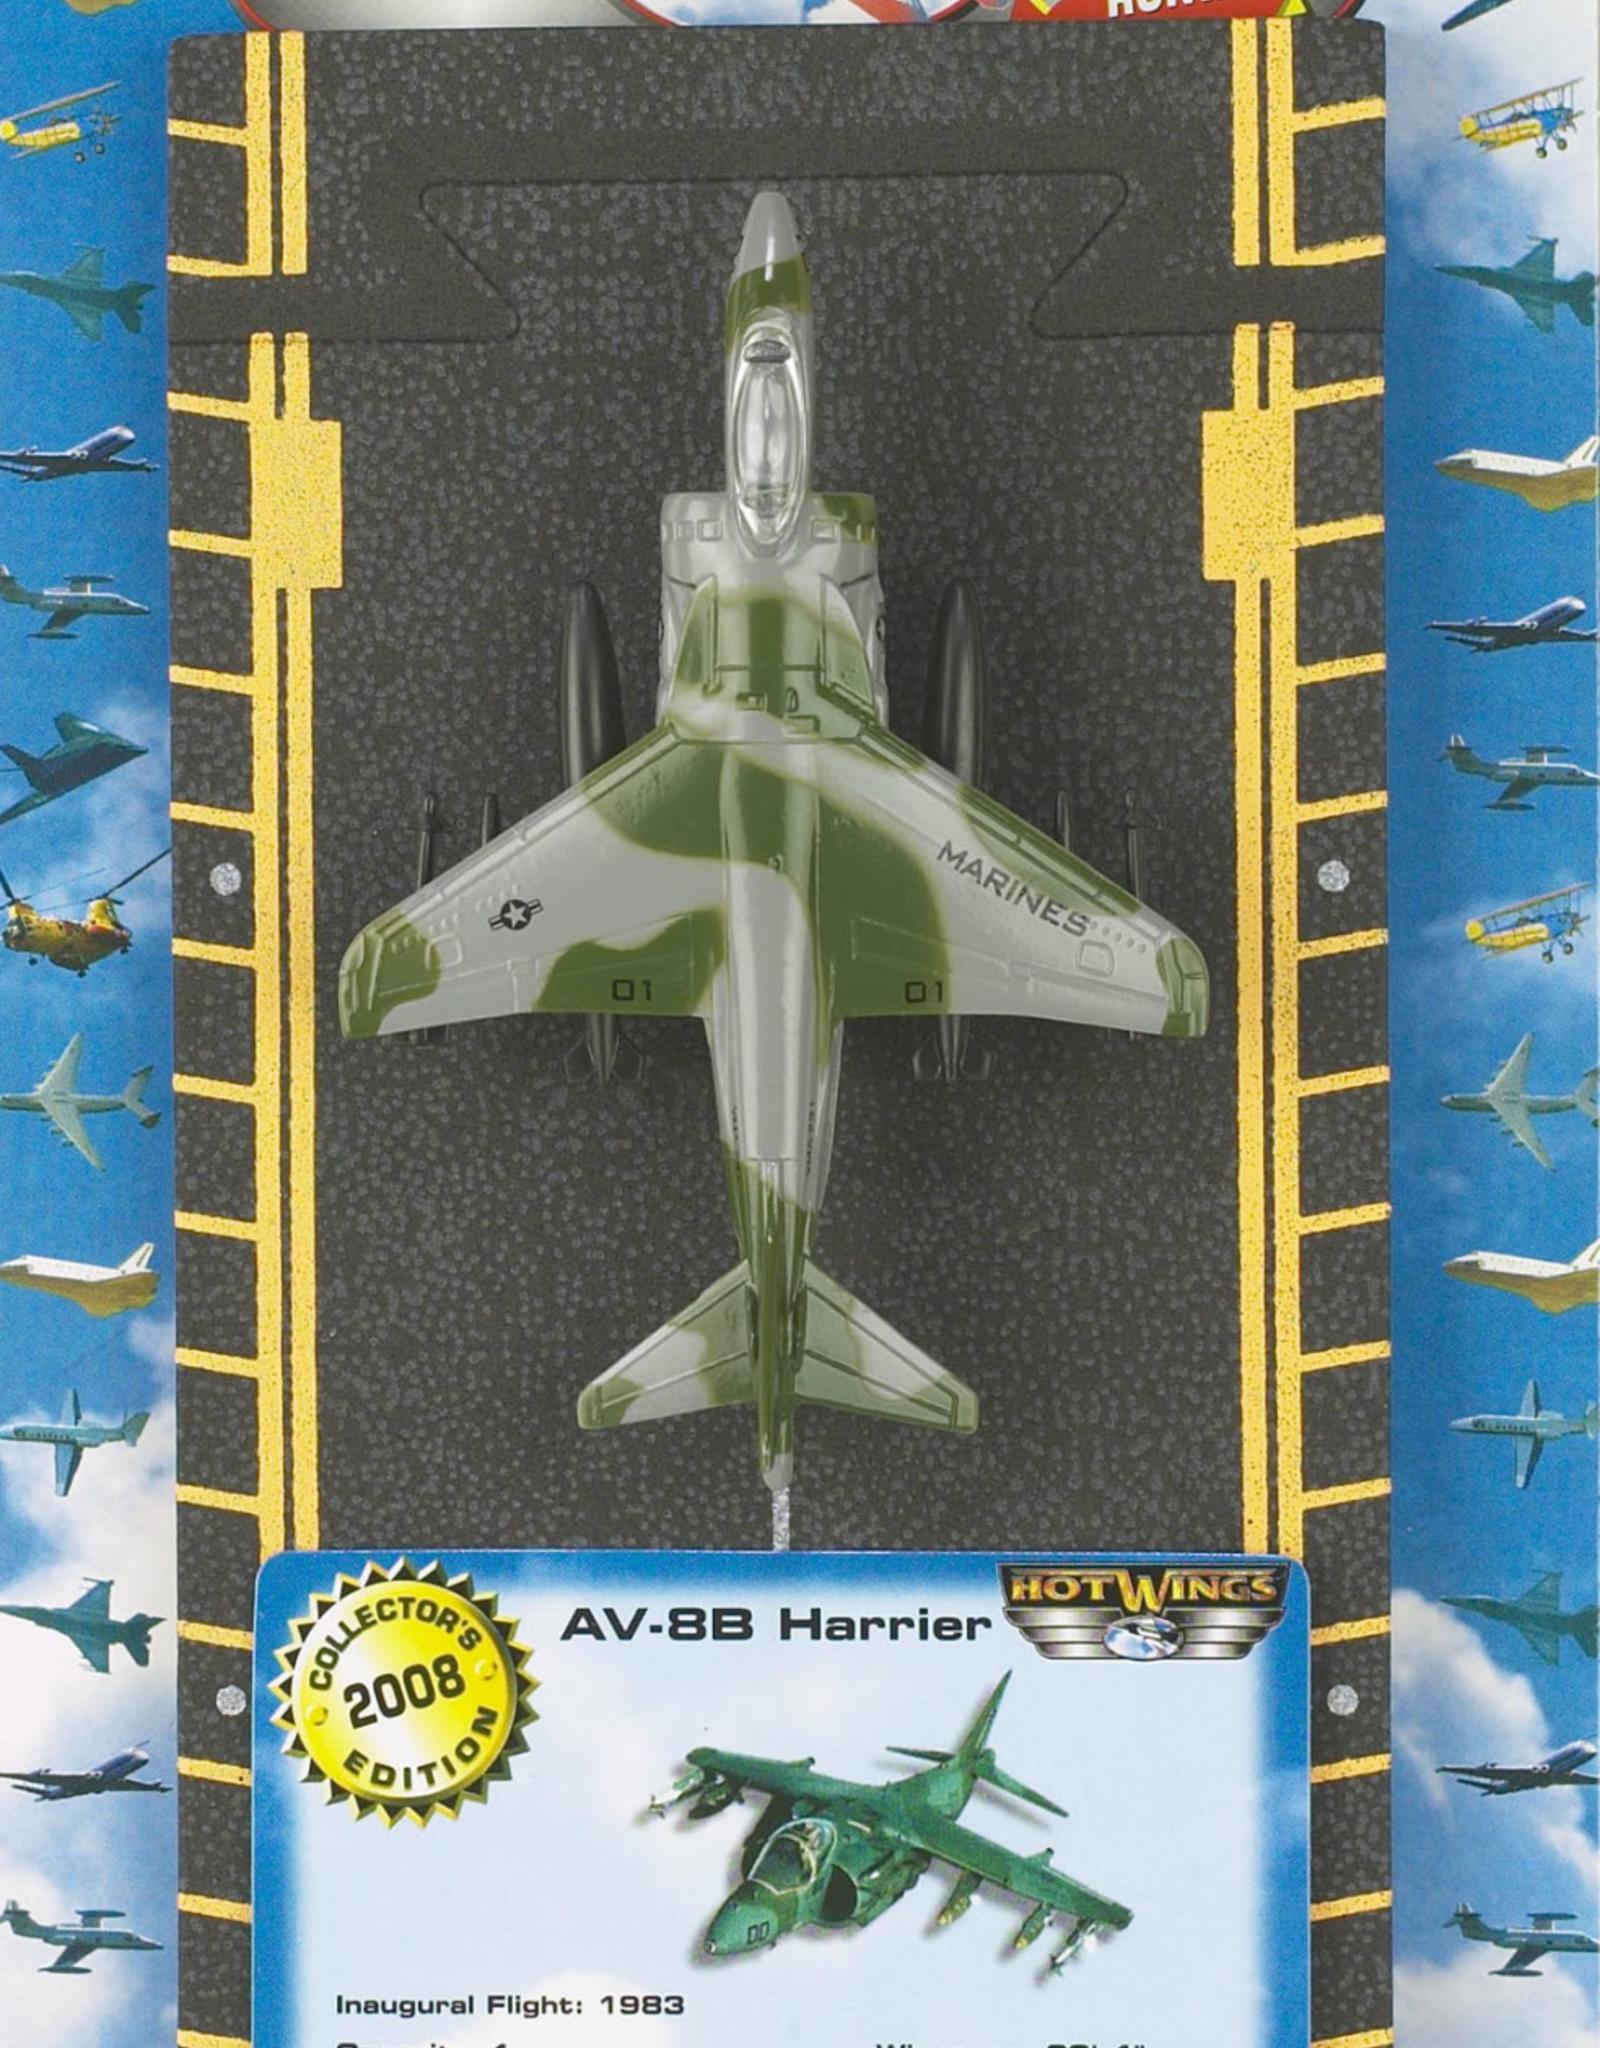 Hot Wings AV-8B Harrier (Green)